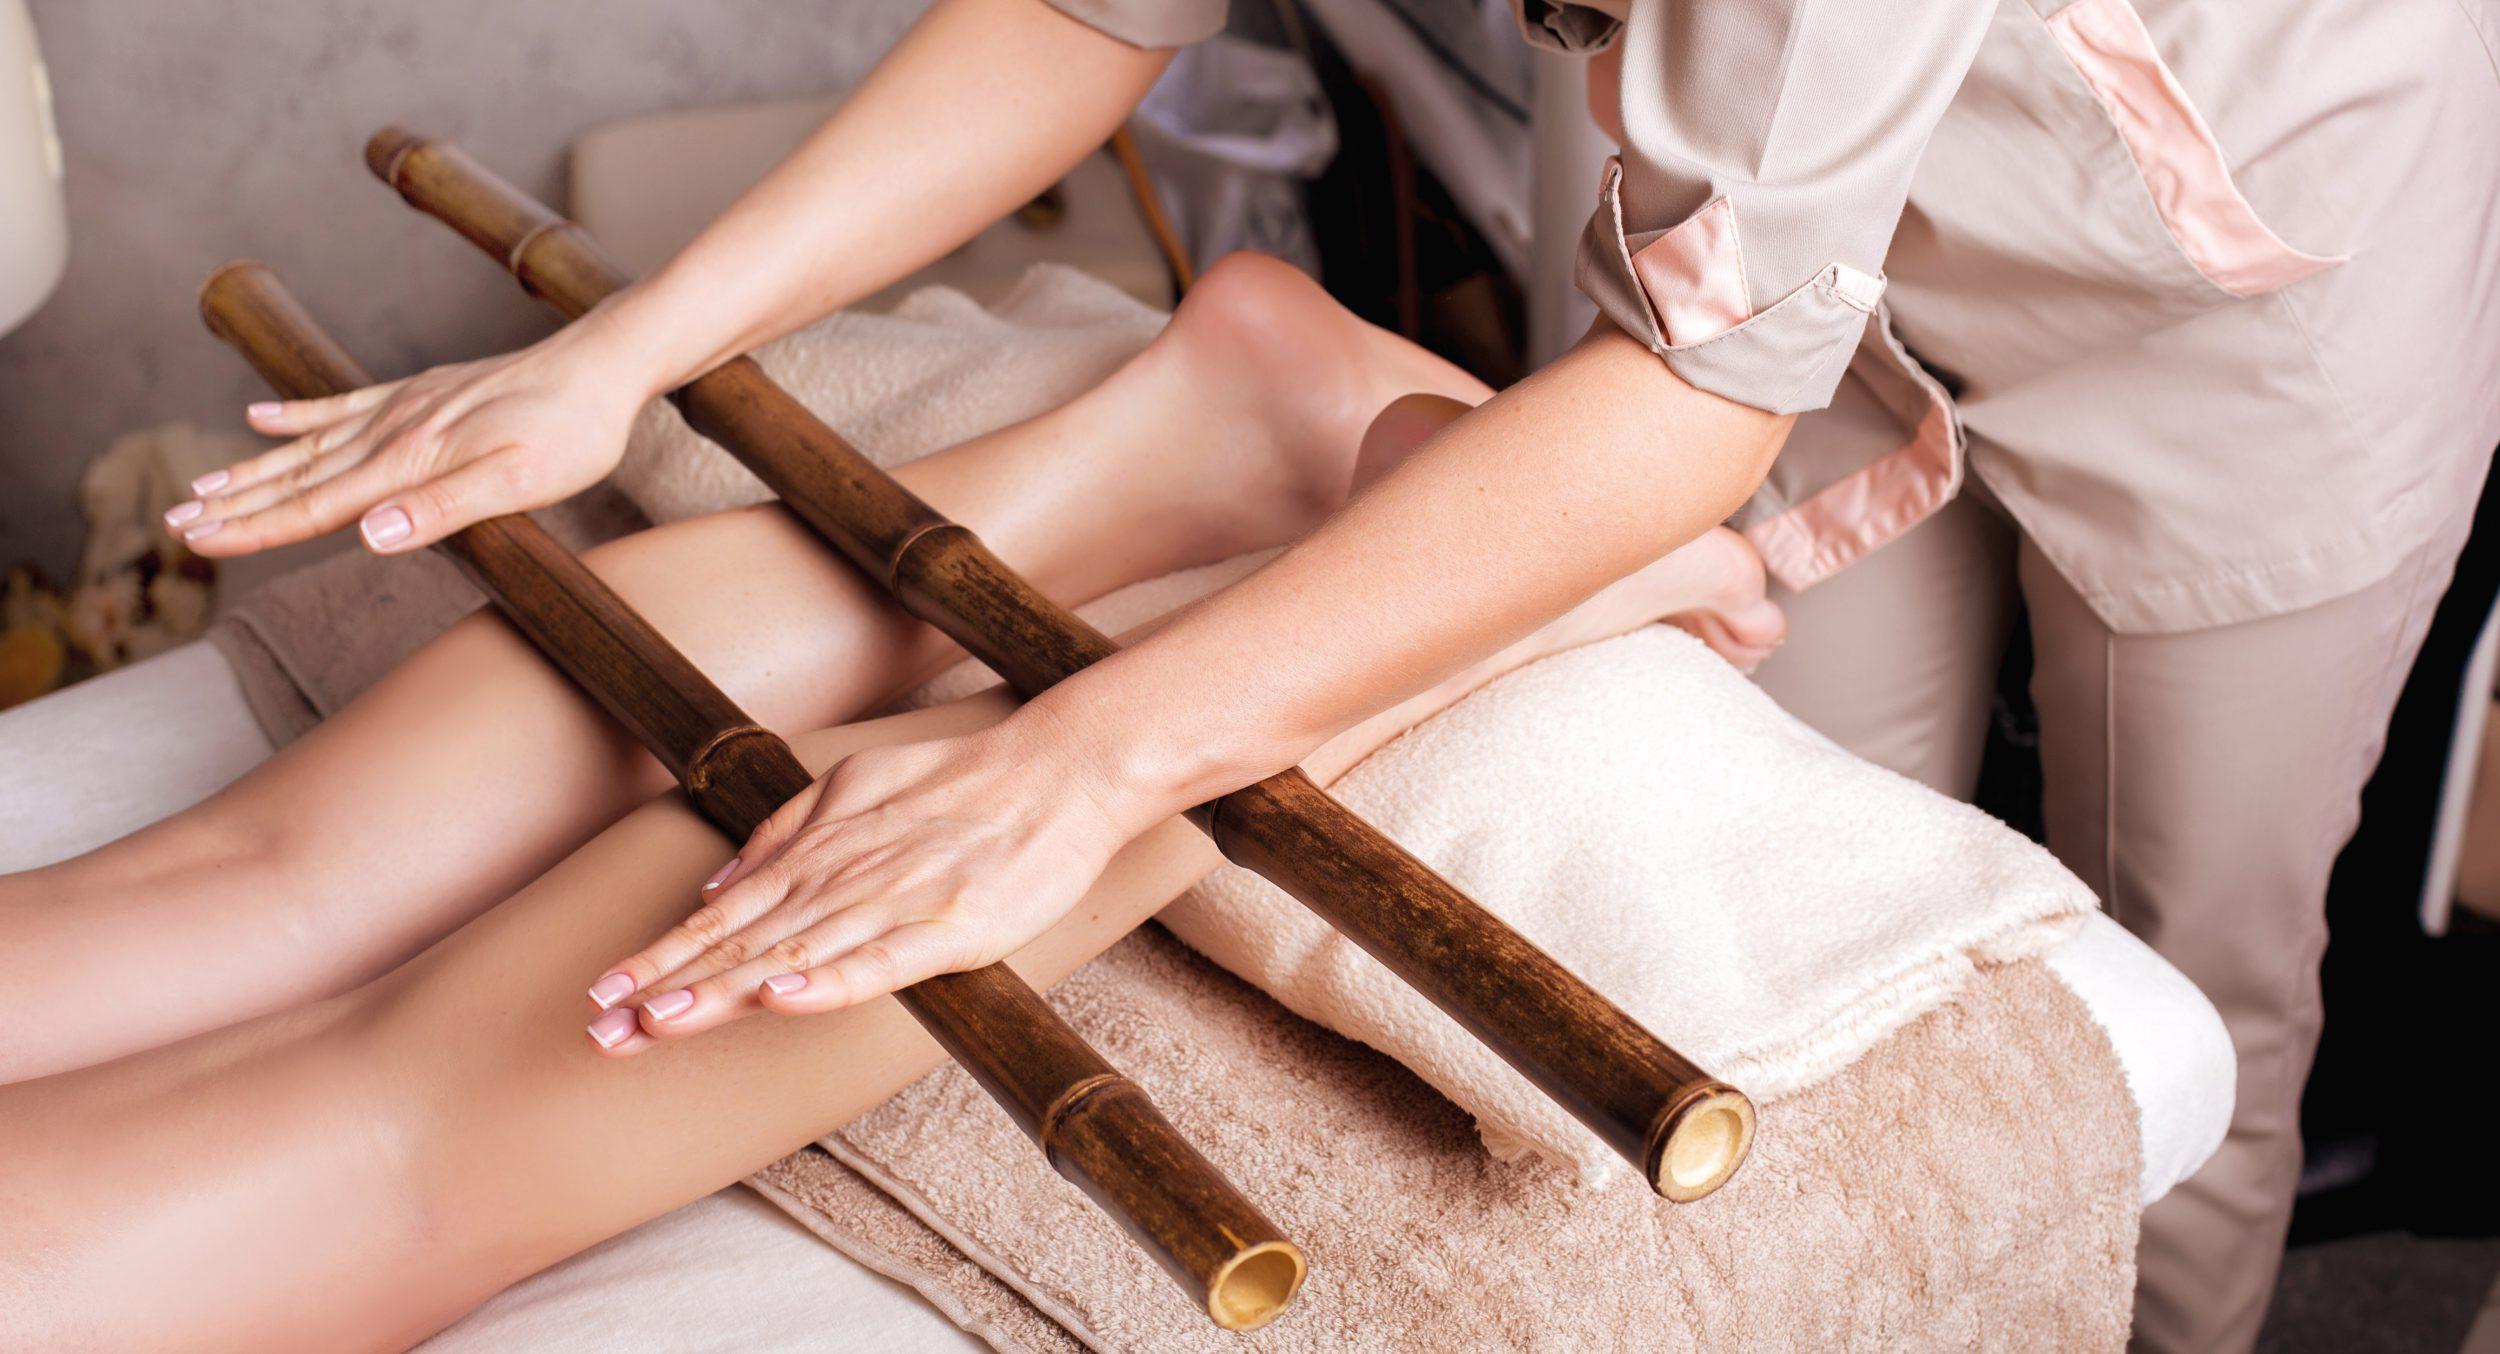 Een bijzondere massage met bamboe stokken voor een diep ontspannende werking bij Fort Resort Beemster.